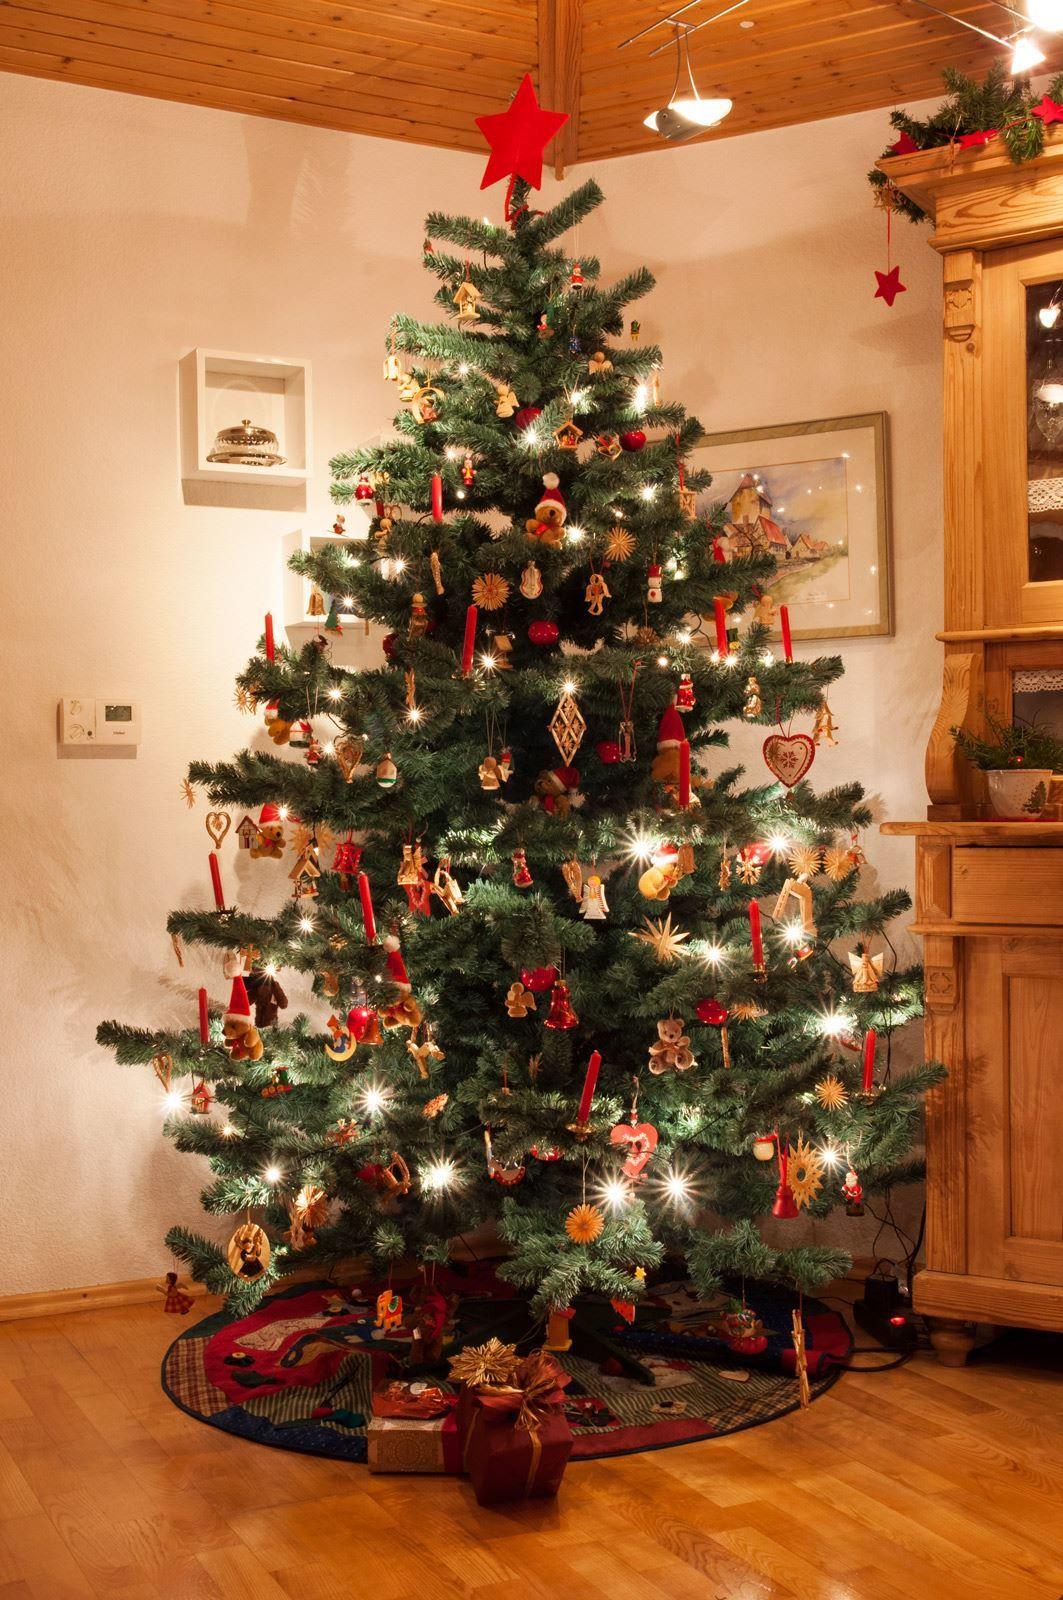 dekorierter k nstlicher barcana deluxe weihnachtsbaum. Black Bedroom Furniture Sets. Home Design Ideas